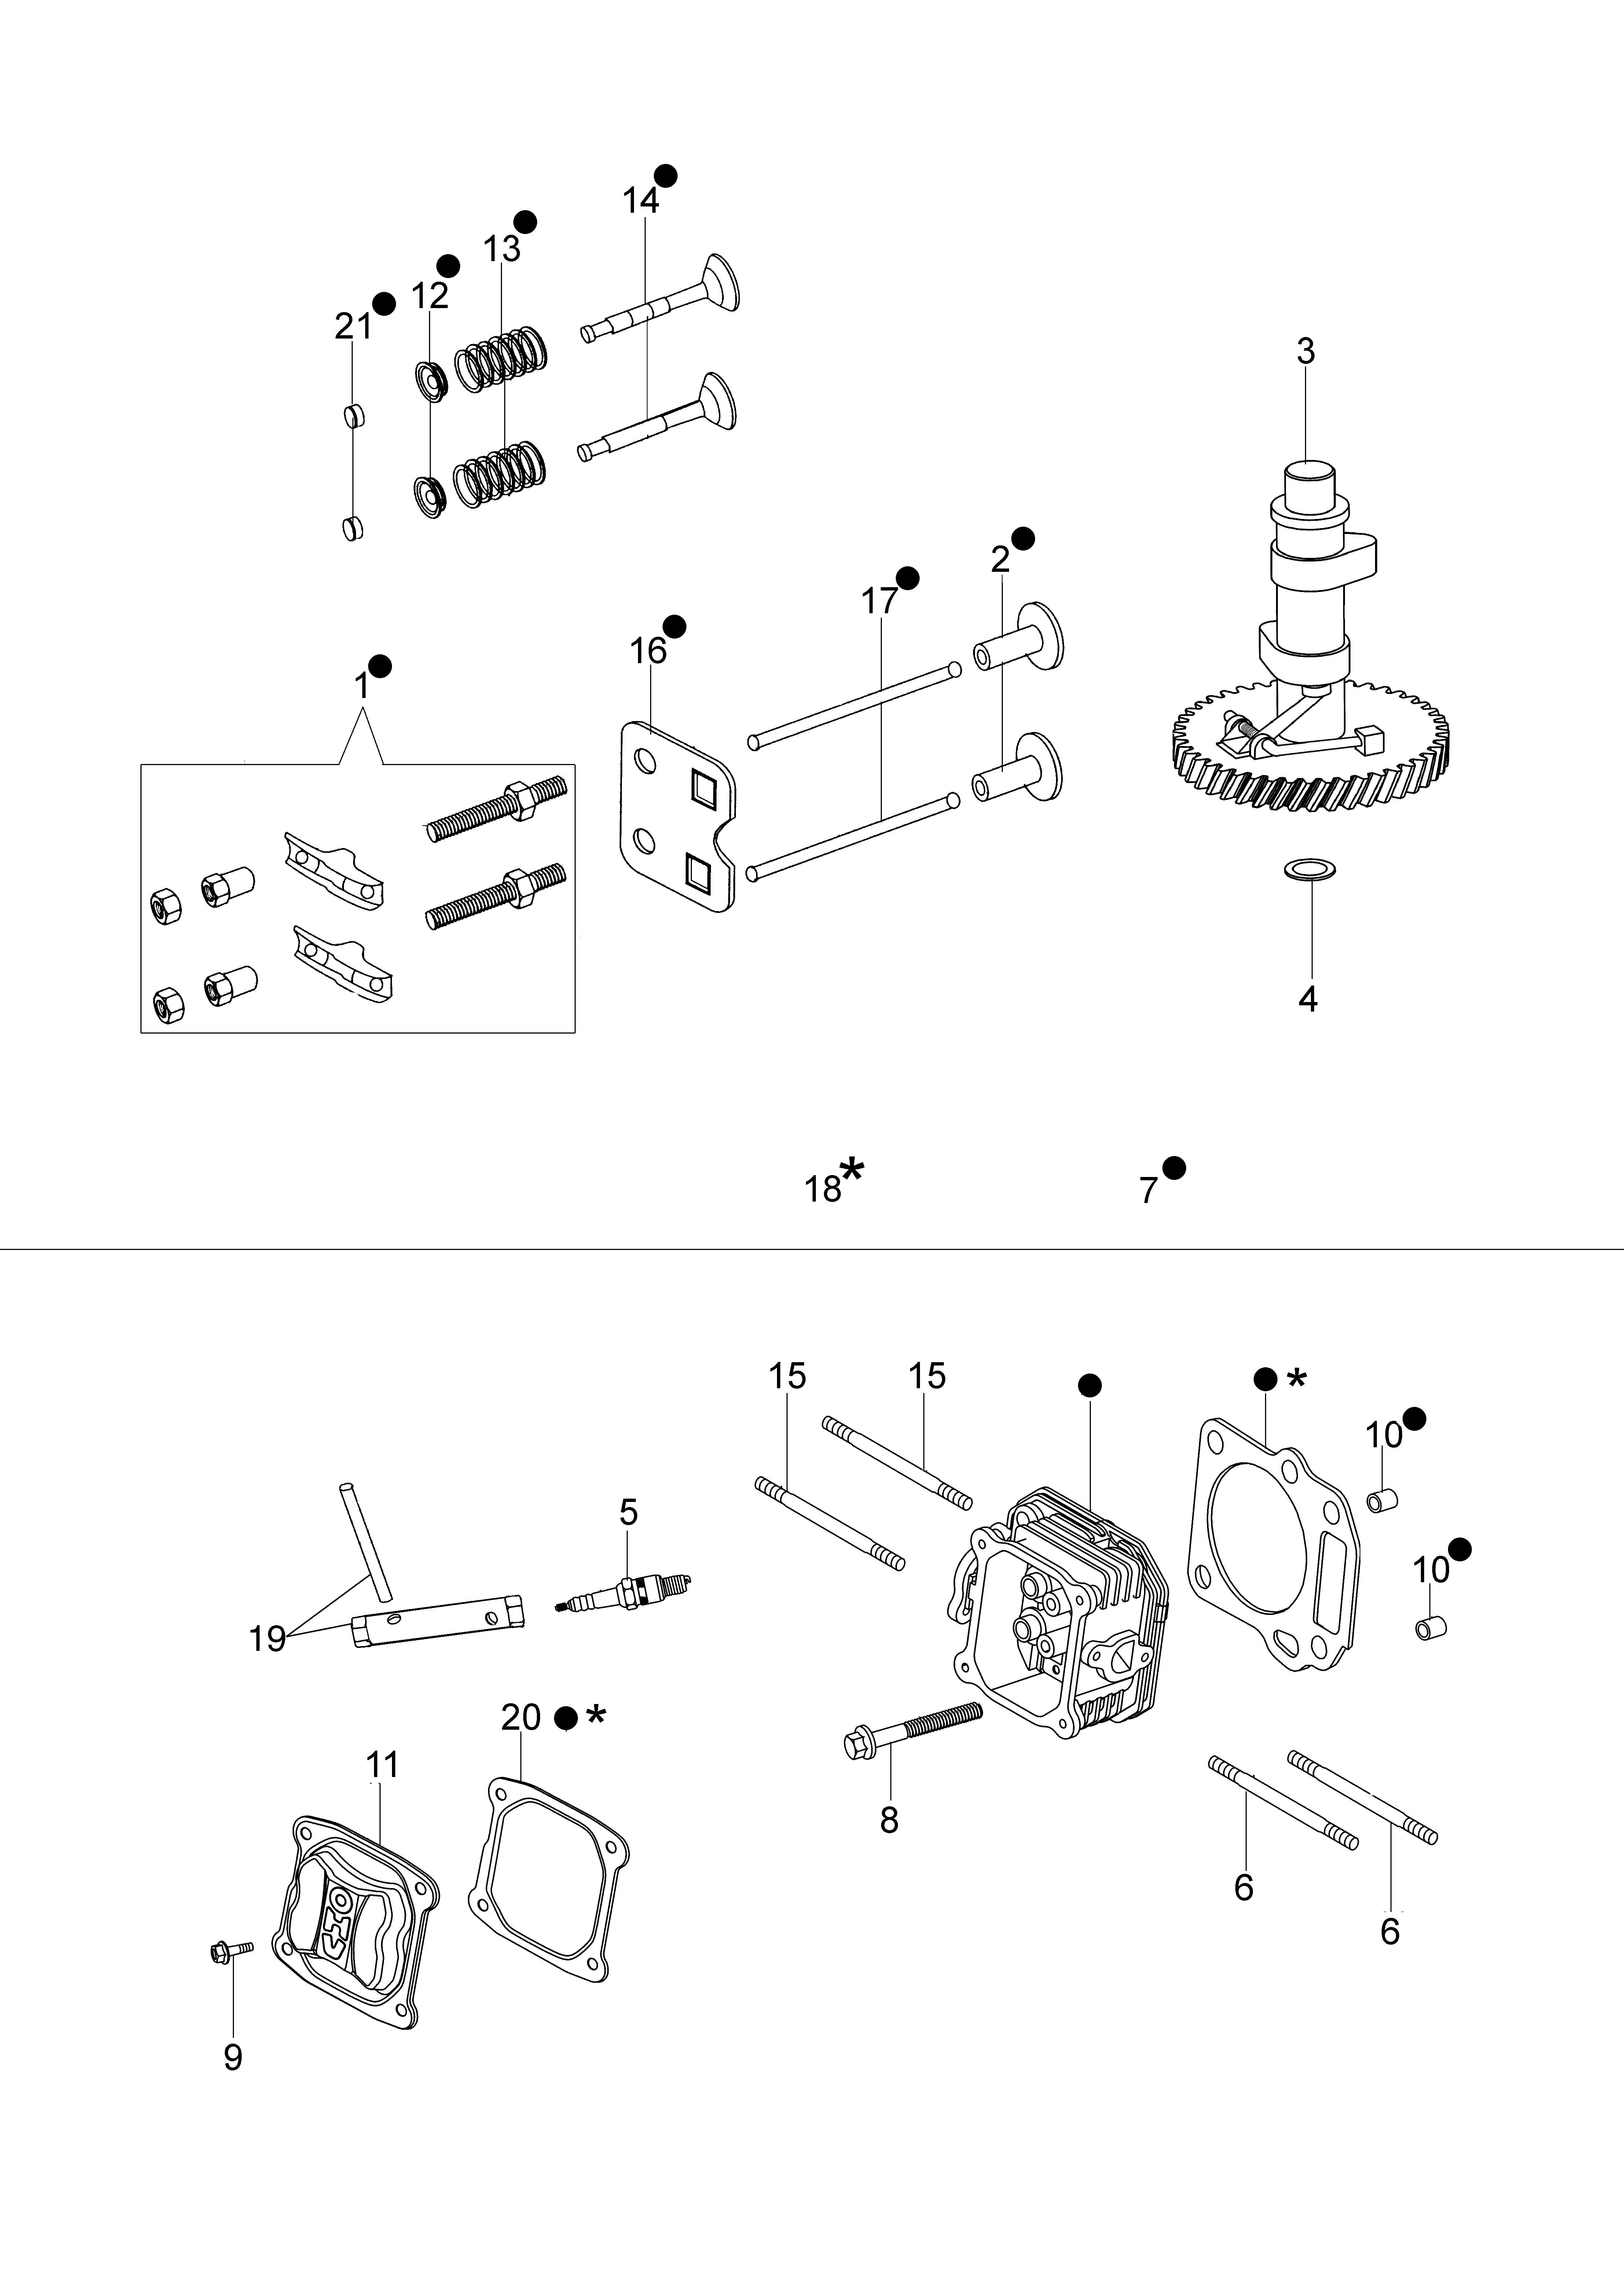 MOTEUR K700 Emak vue éclatée Dessins pièces - Tête cylindre et soupape